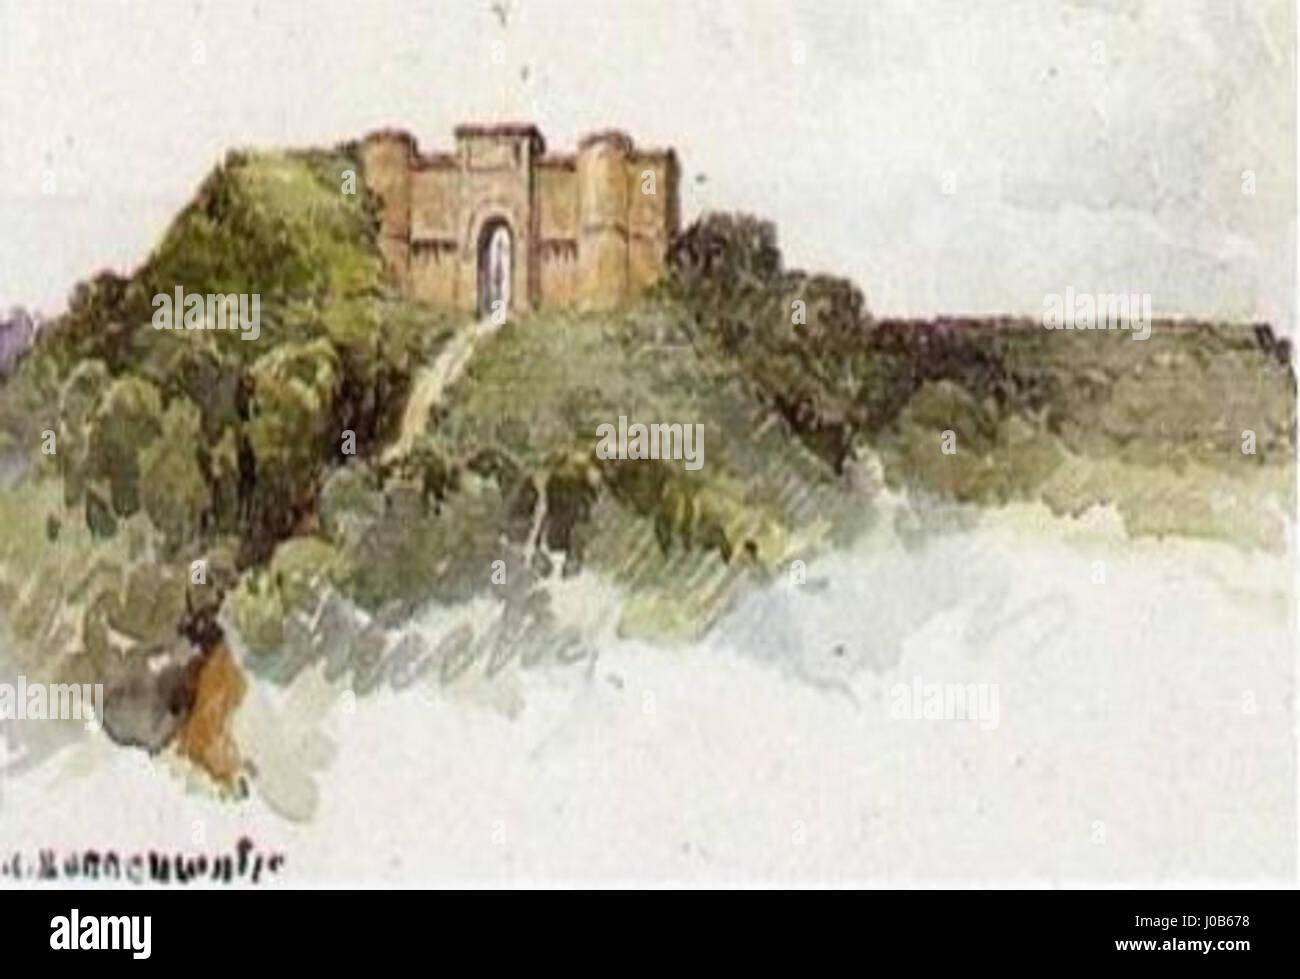 Puerta fortificada del Fuerte Agüi, 1911 - Stock Image